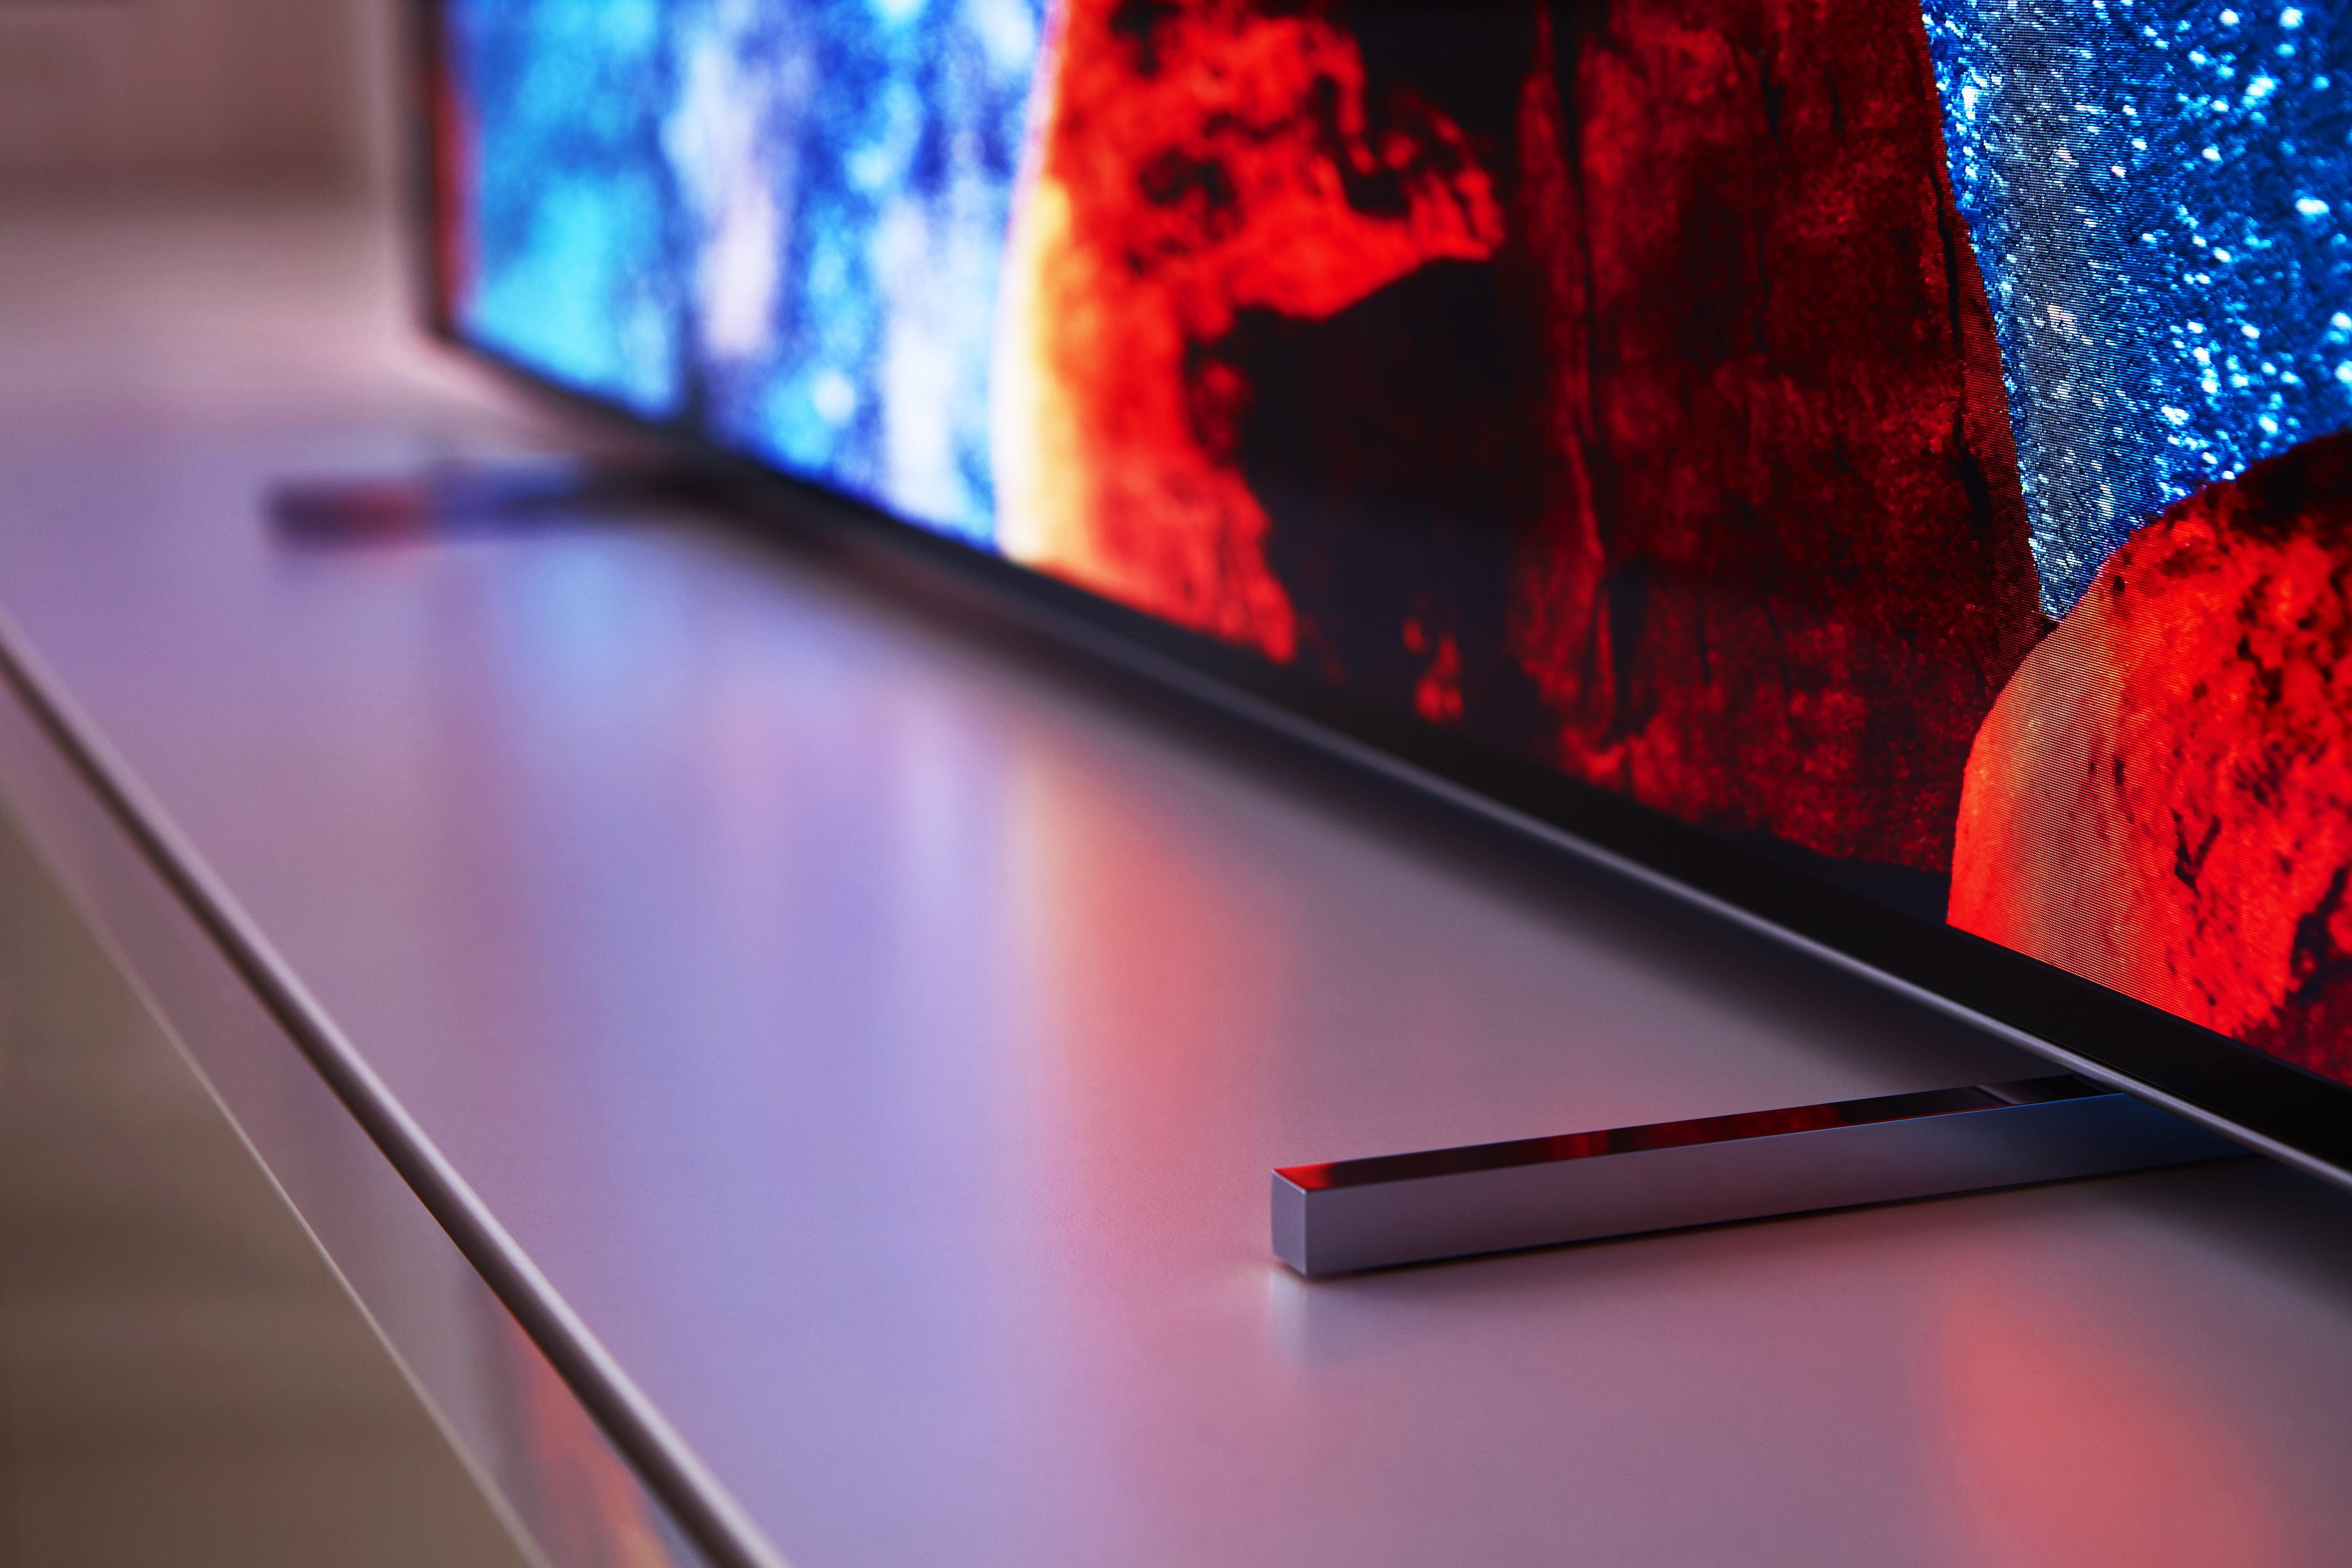 ff5ae7efb Operační systém Android TV je v televizoru poháněn výkonným čtyřjádrovým  procesorem. Verze Android N se brzy dočká updatu na Android O s novým  uživatelským ...